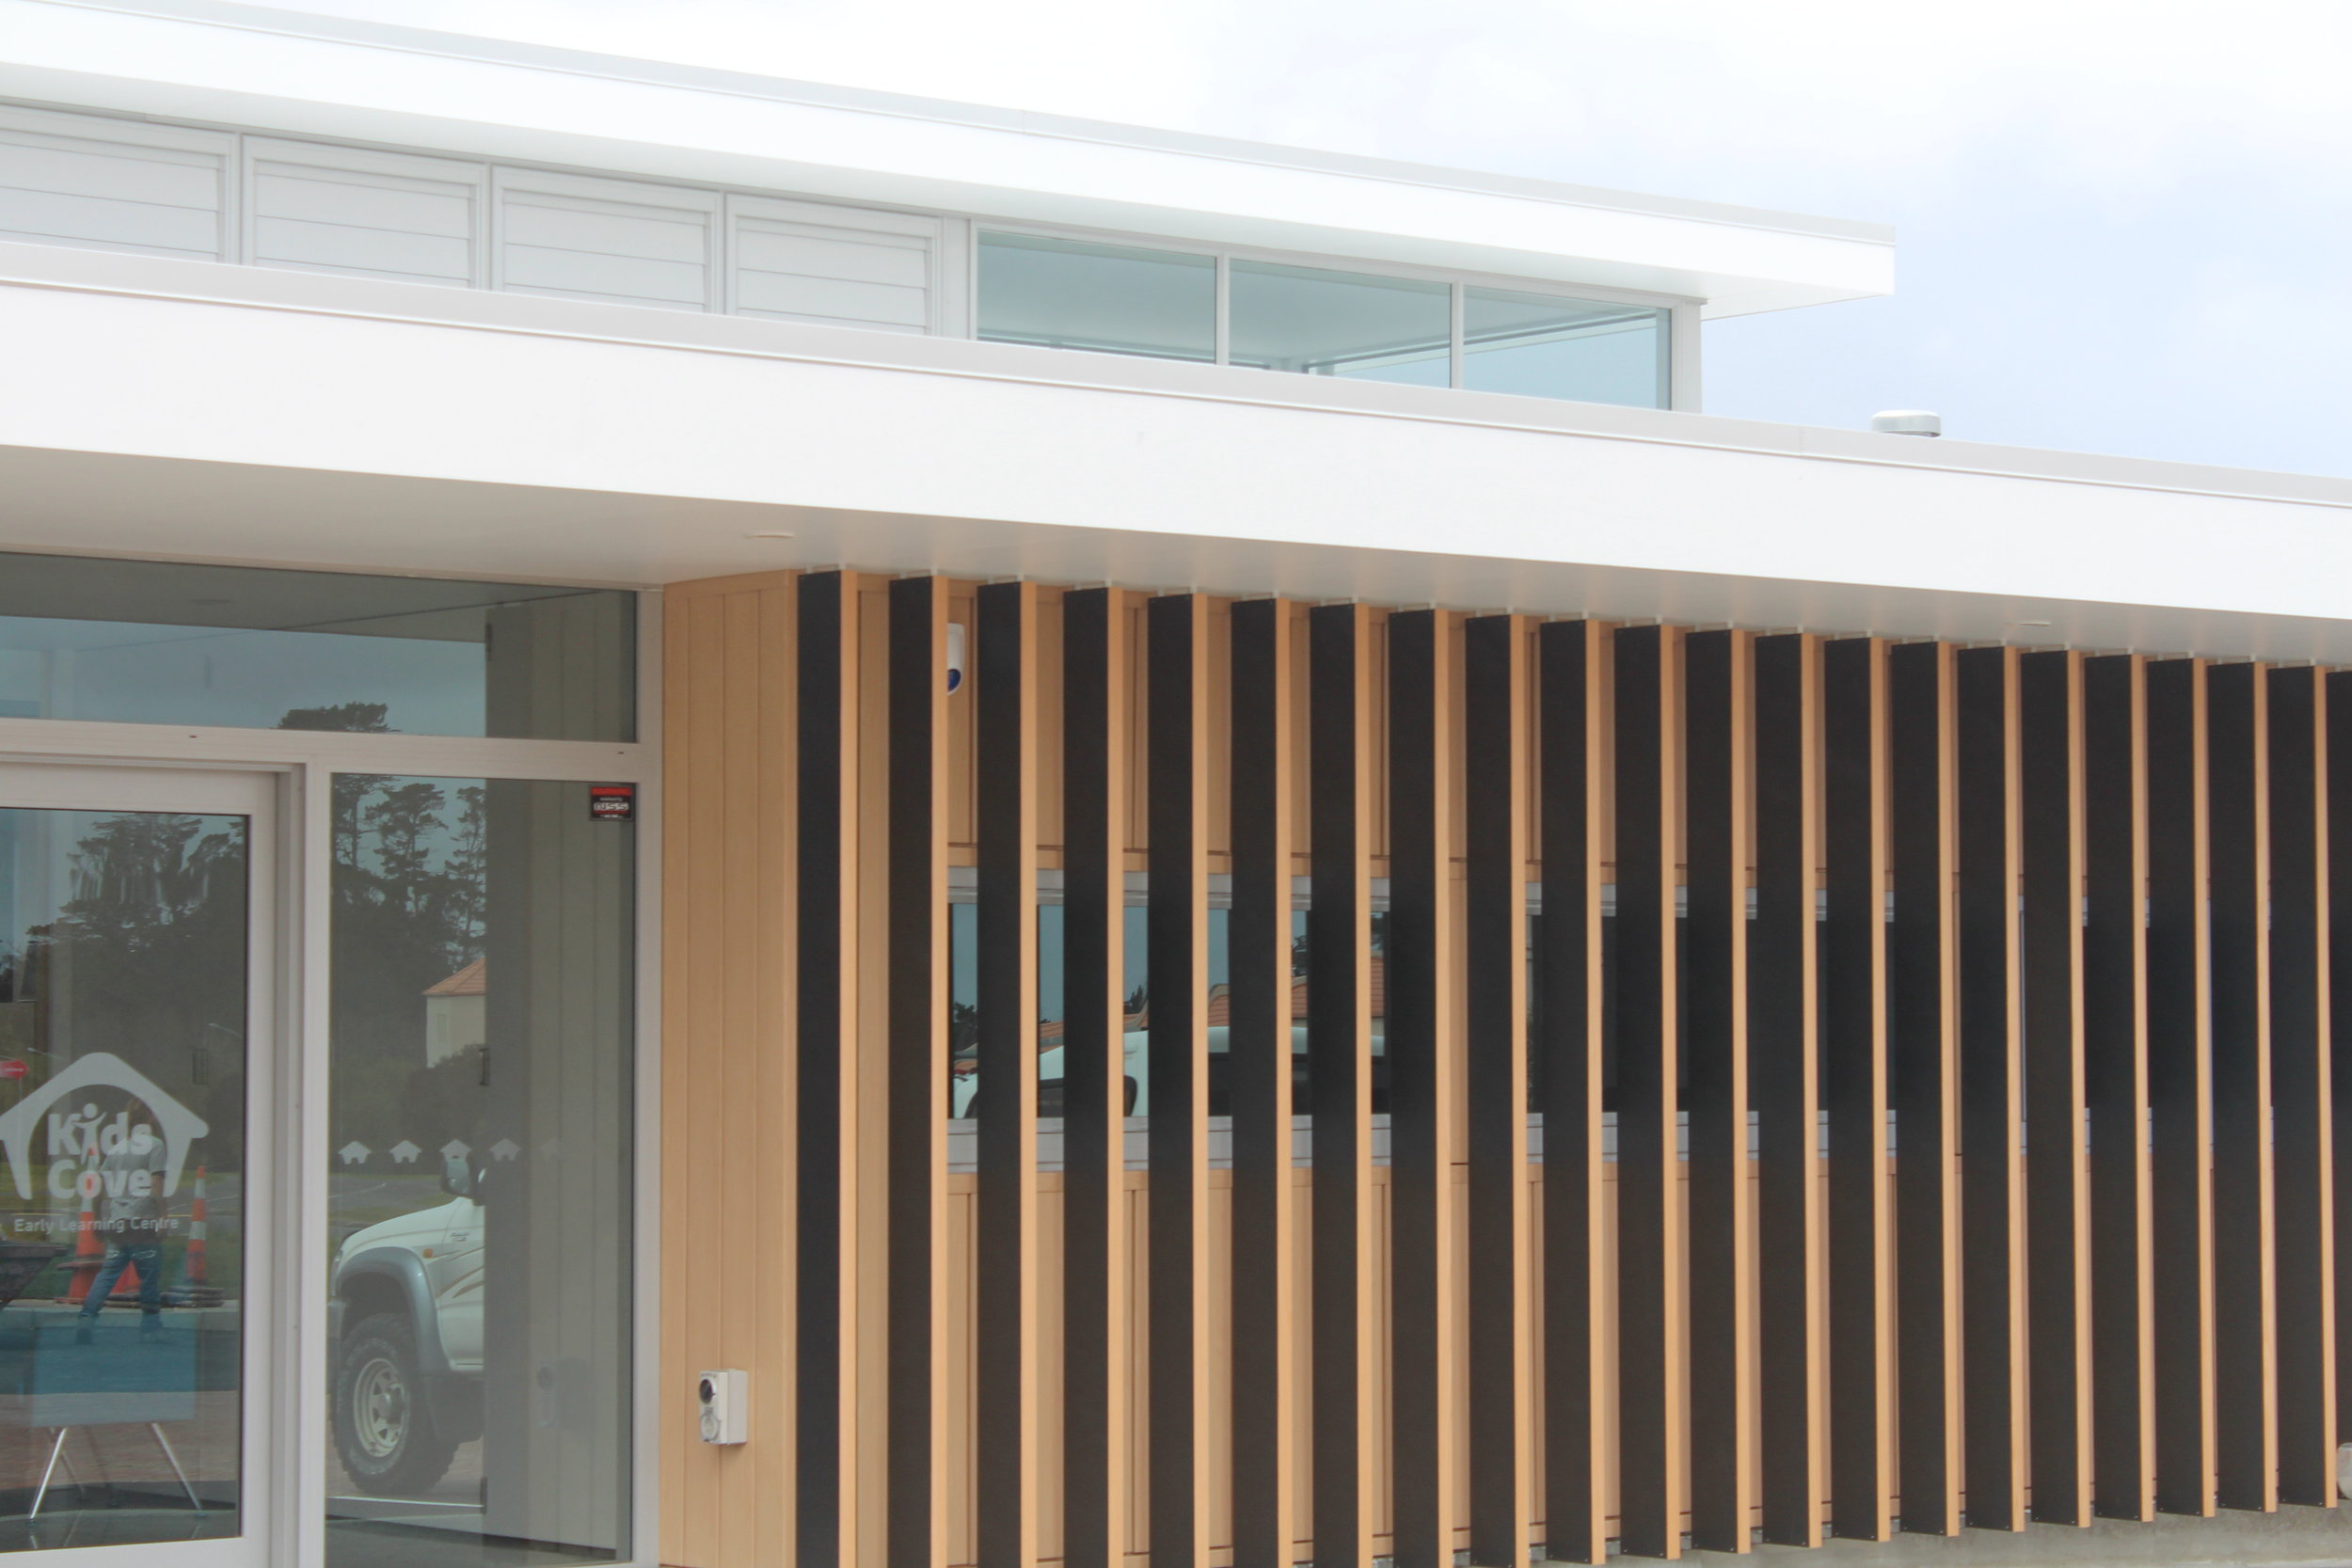 The-Roofing-Store-Steel-Metal-Interlocking-Panel-Lux-Light-Wood-1.jpg.jpg